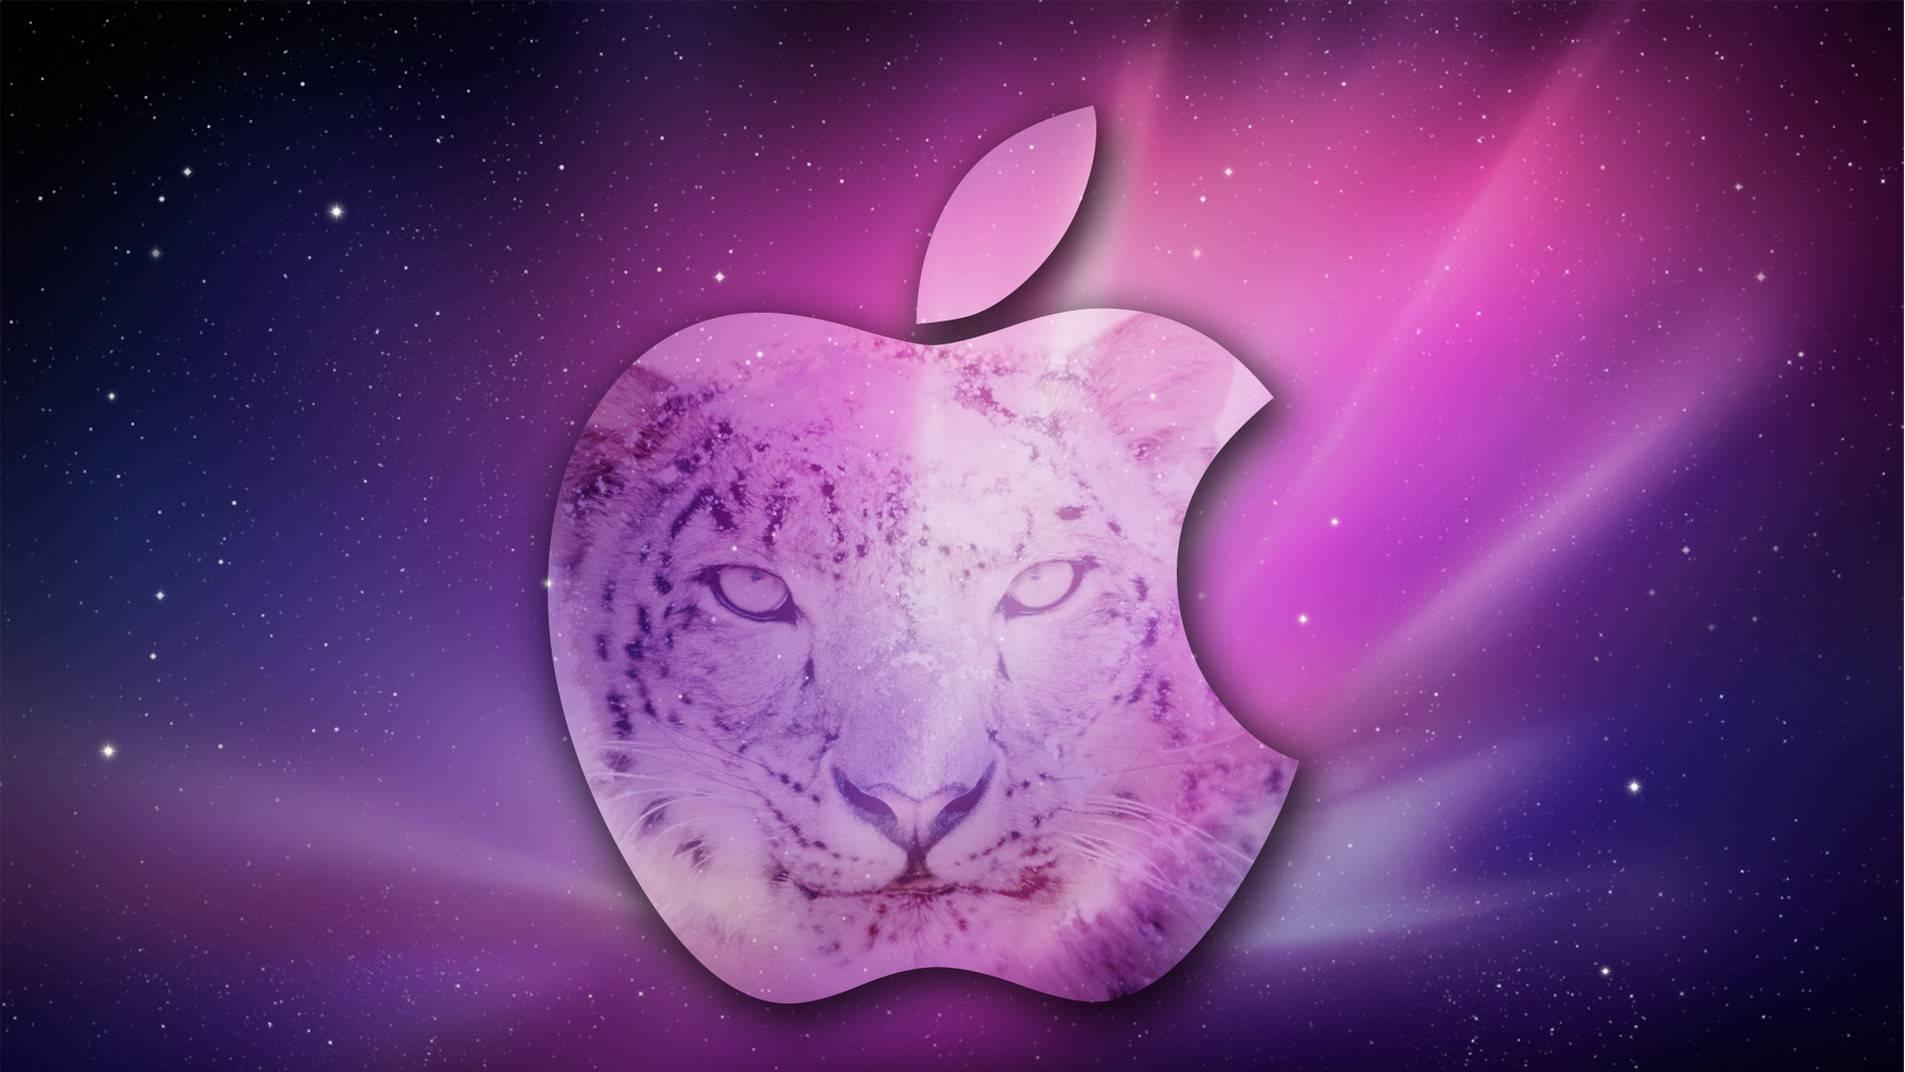 Leopard Wallpaper Apple – Free wallpaper download